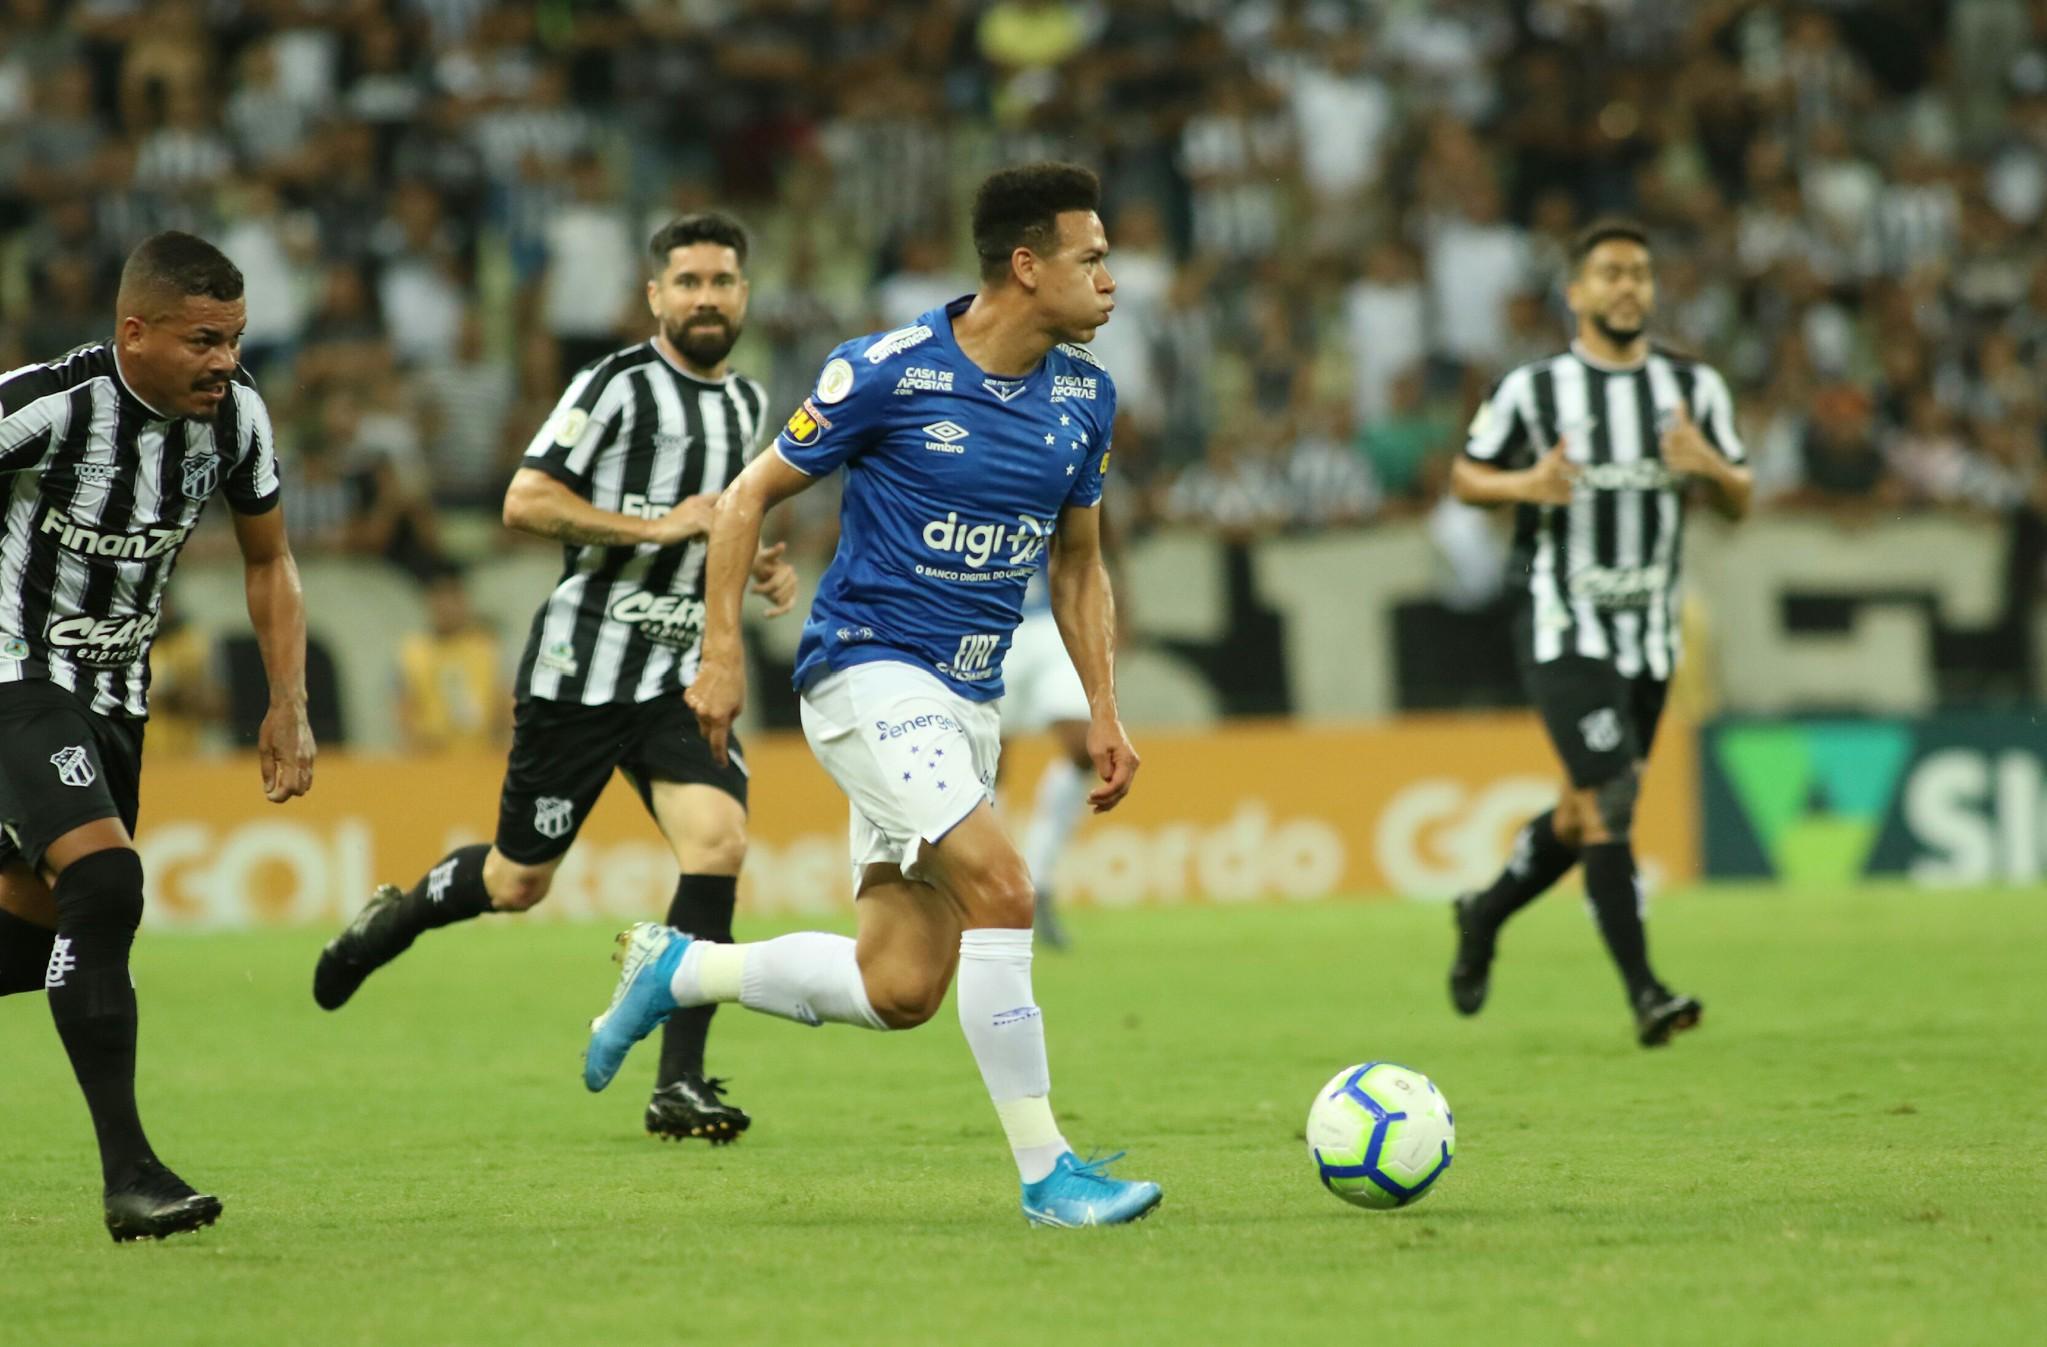 Em partida sem grandes emoções, Ceará e Cruzeiro empataram nesta quarta-feira na Arena Castelão, em Fortaleza, pela 21ª rodada do Brasileirão. Foto: Foto: Pedro Chaves/ Lightpress/ Cruzeiro